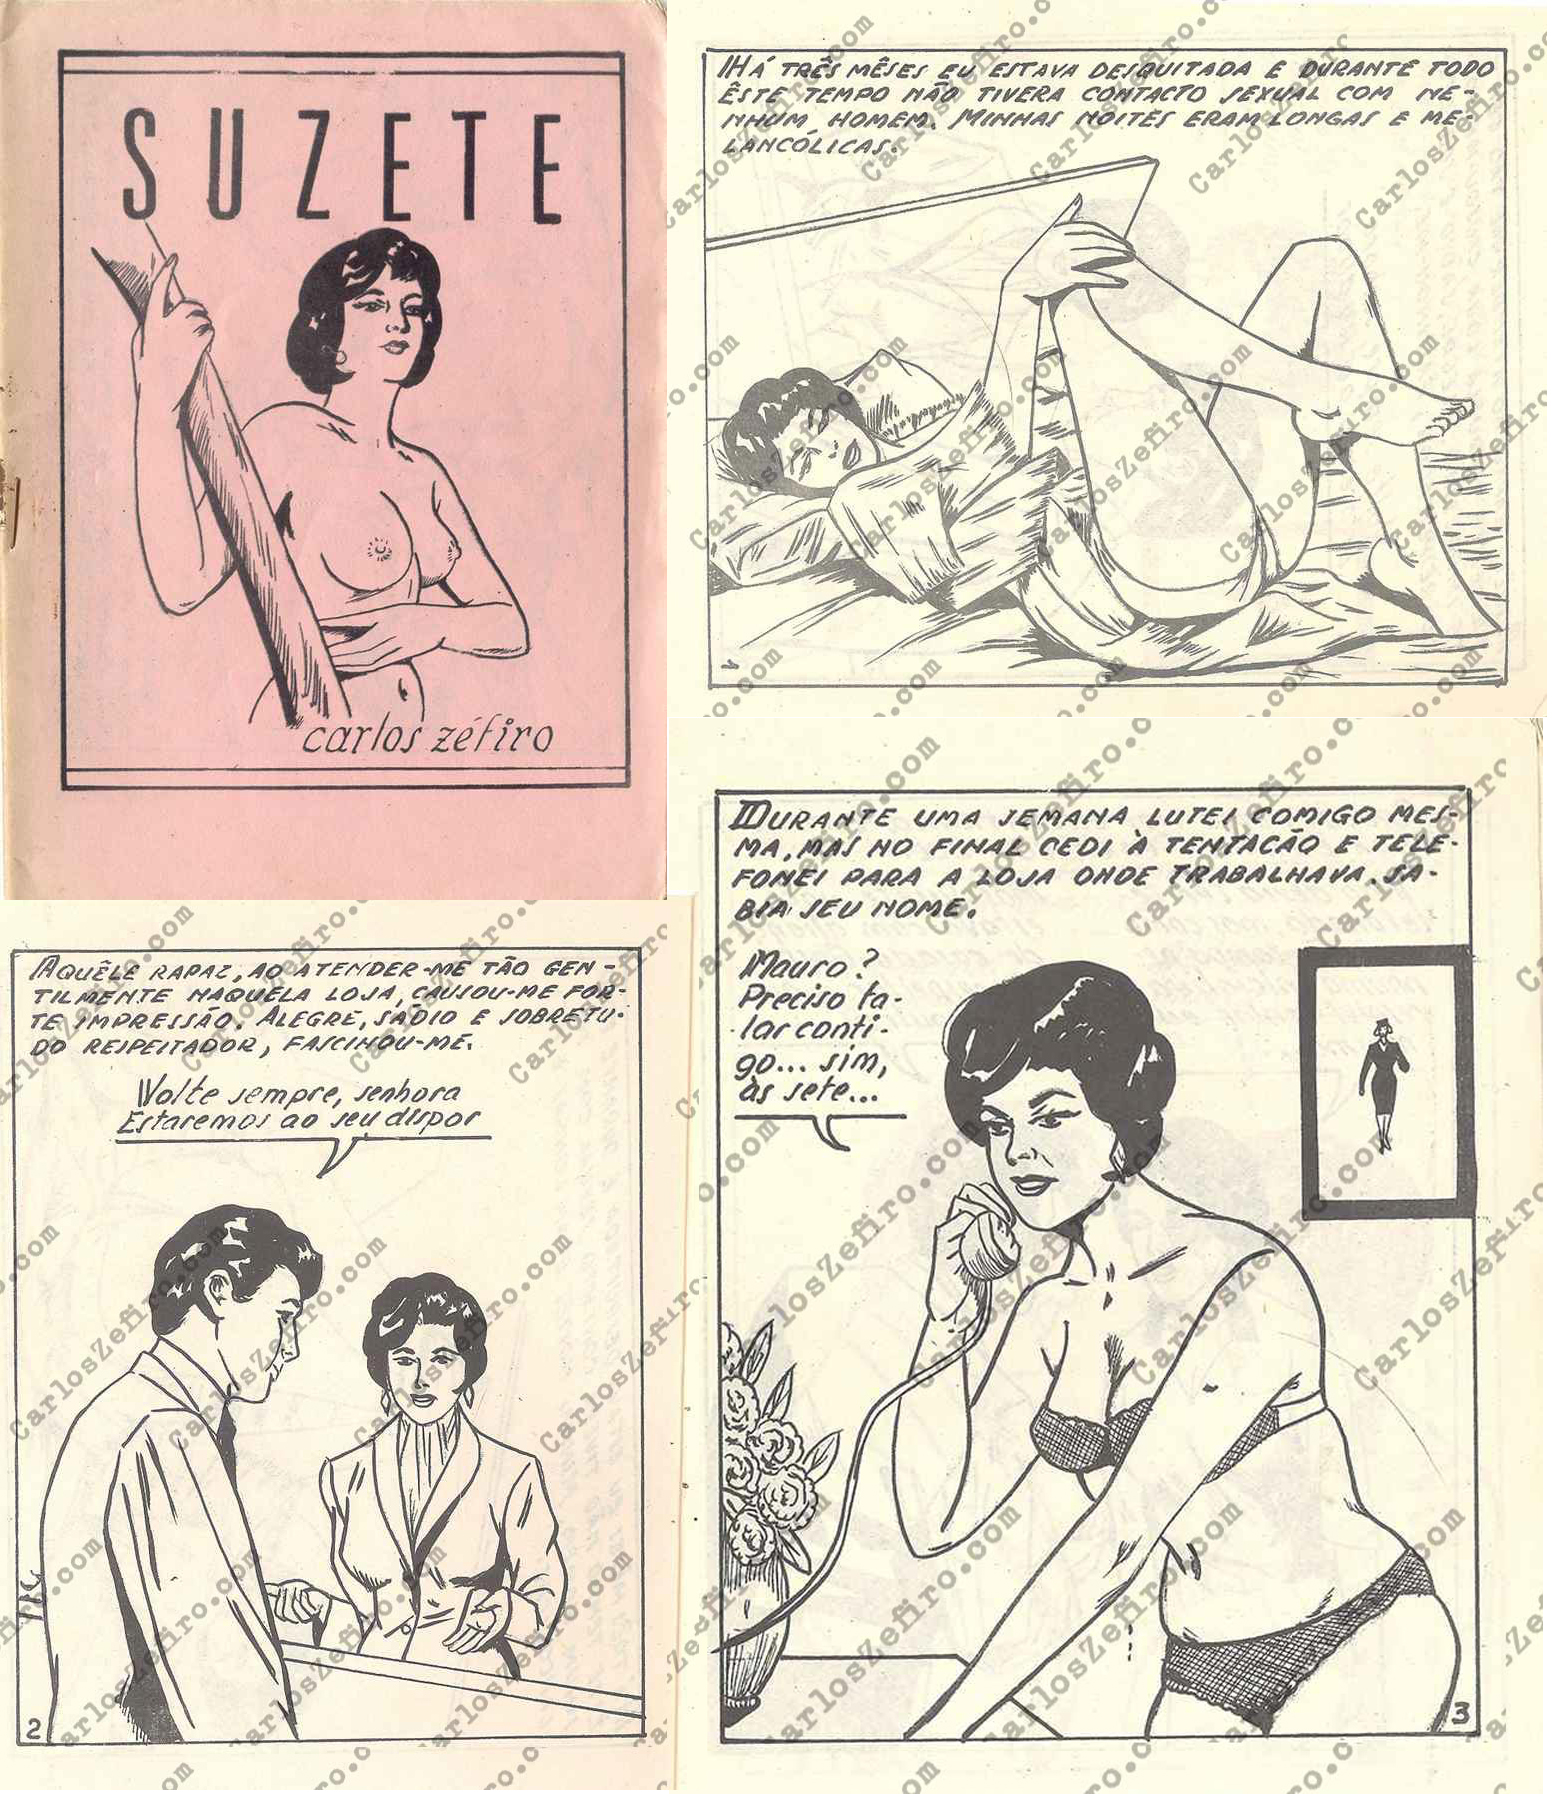 carlos-zefiro-quadrinhos-eroticos-pornograficos-arte-12